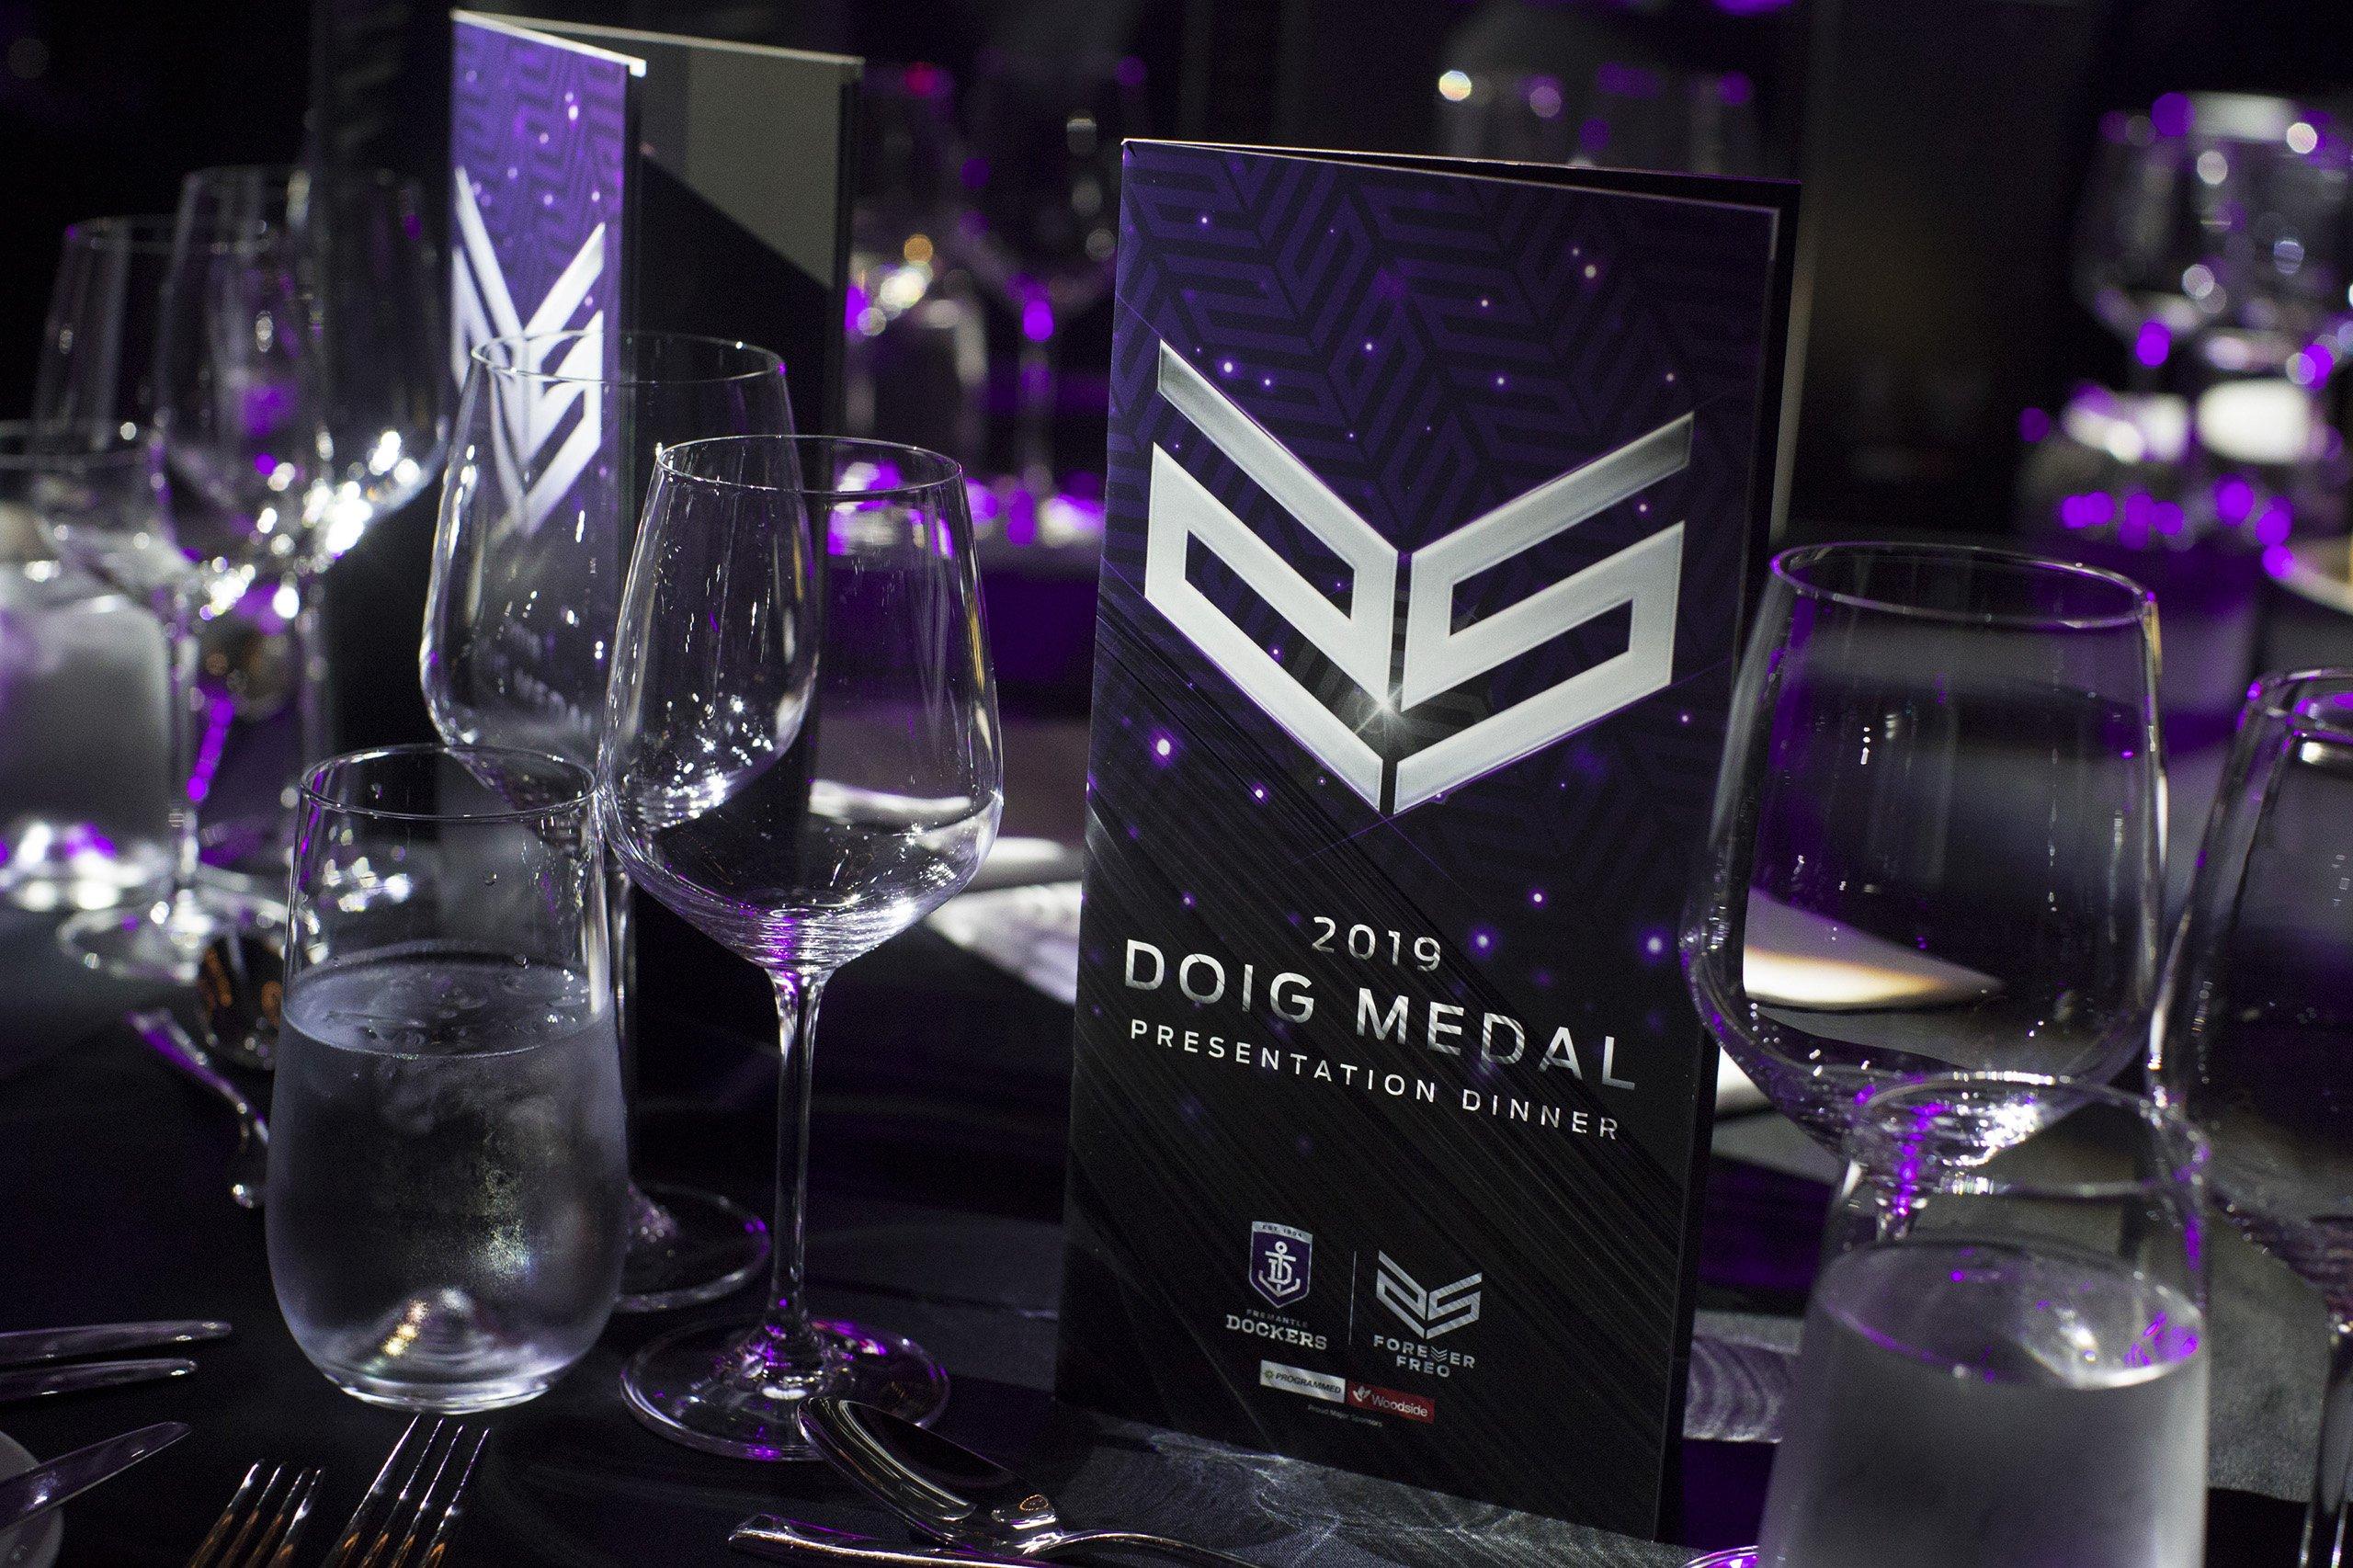 DIOG Medal 2019